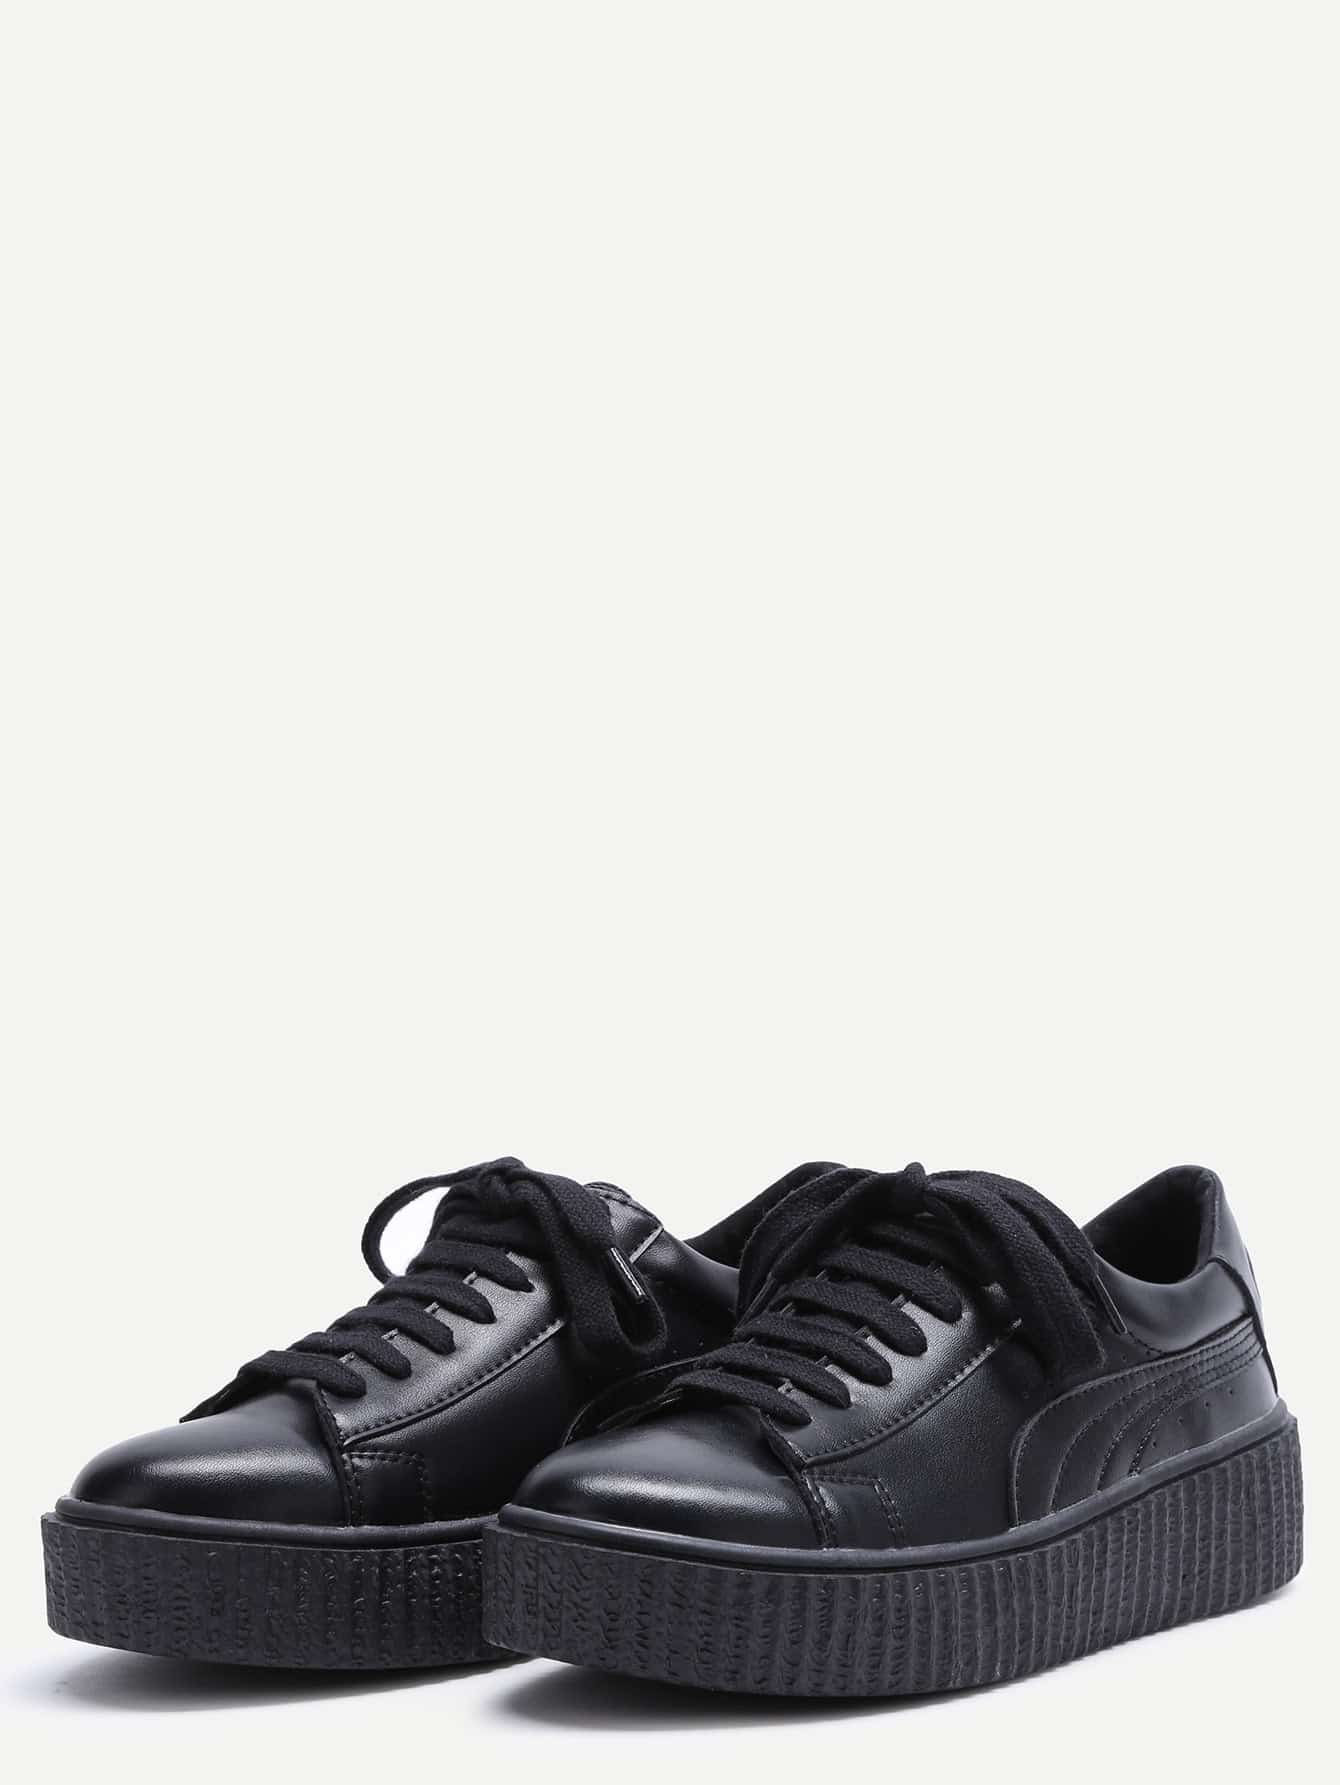 shoes161116807_2